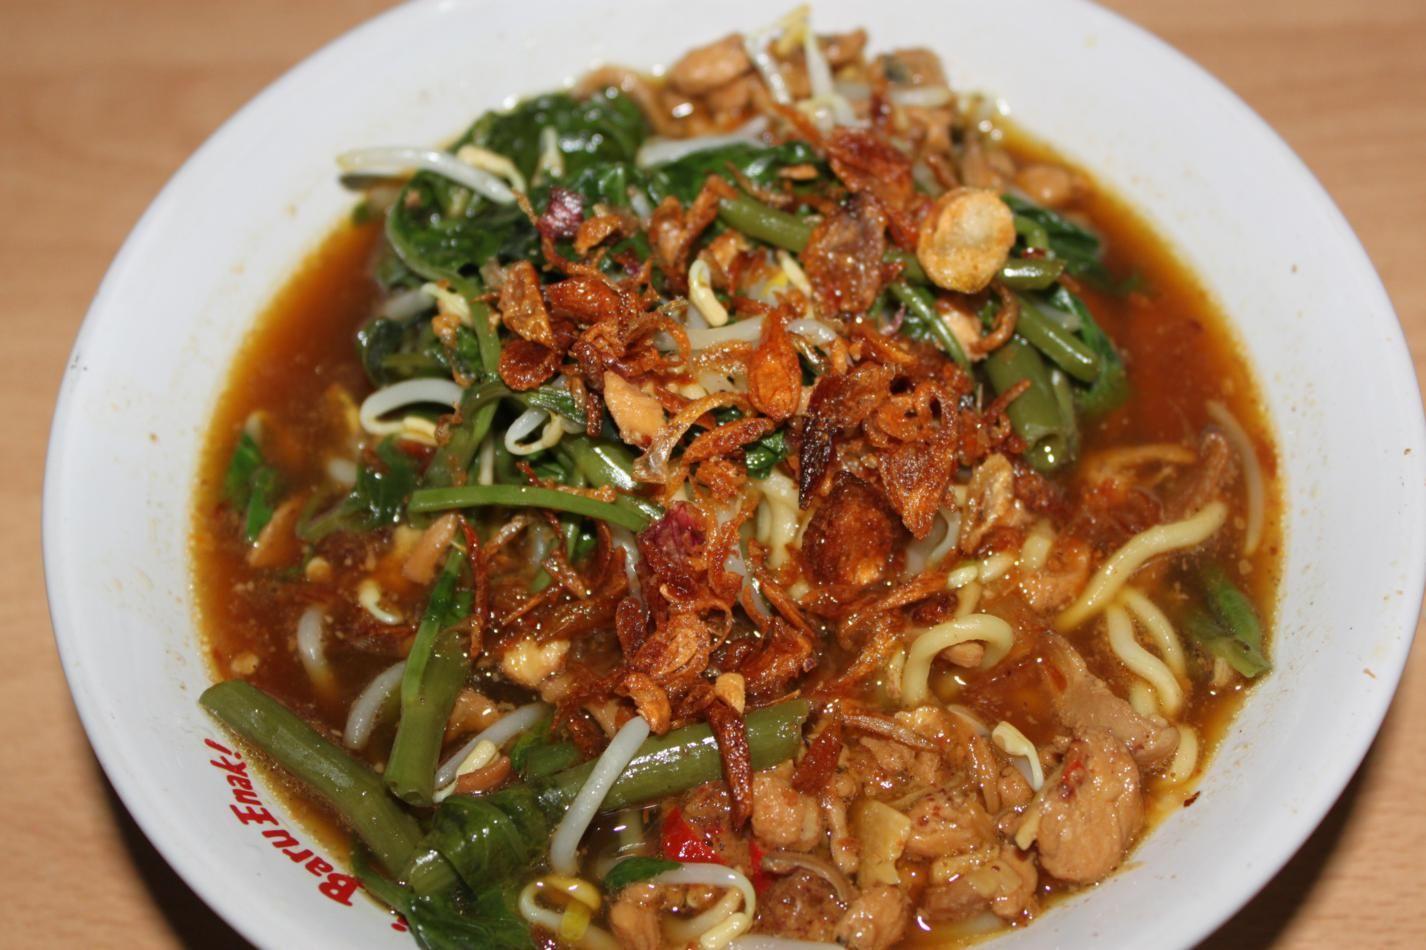 Ini Dia Resep Mie Geprek Kangkung Terpopuler Ide Resep Masakan Resep Resep Masakan Resep Masakan Indonesia Masakan